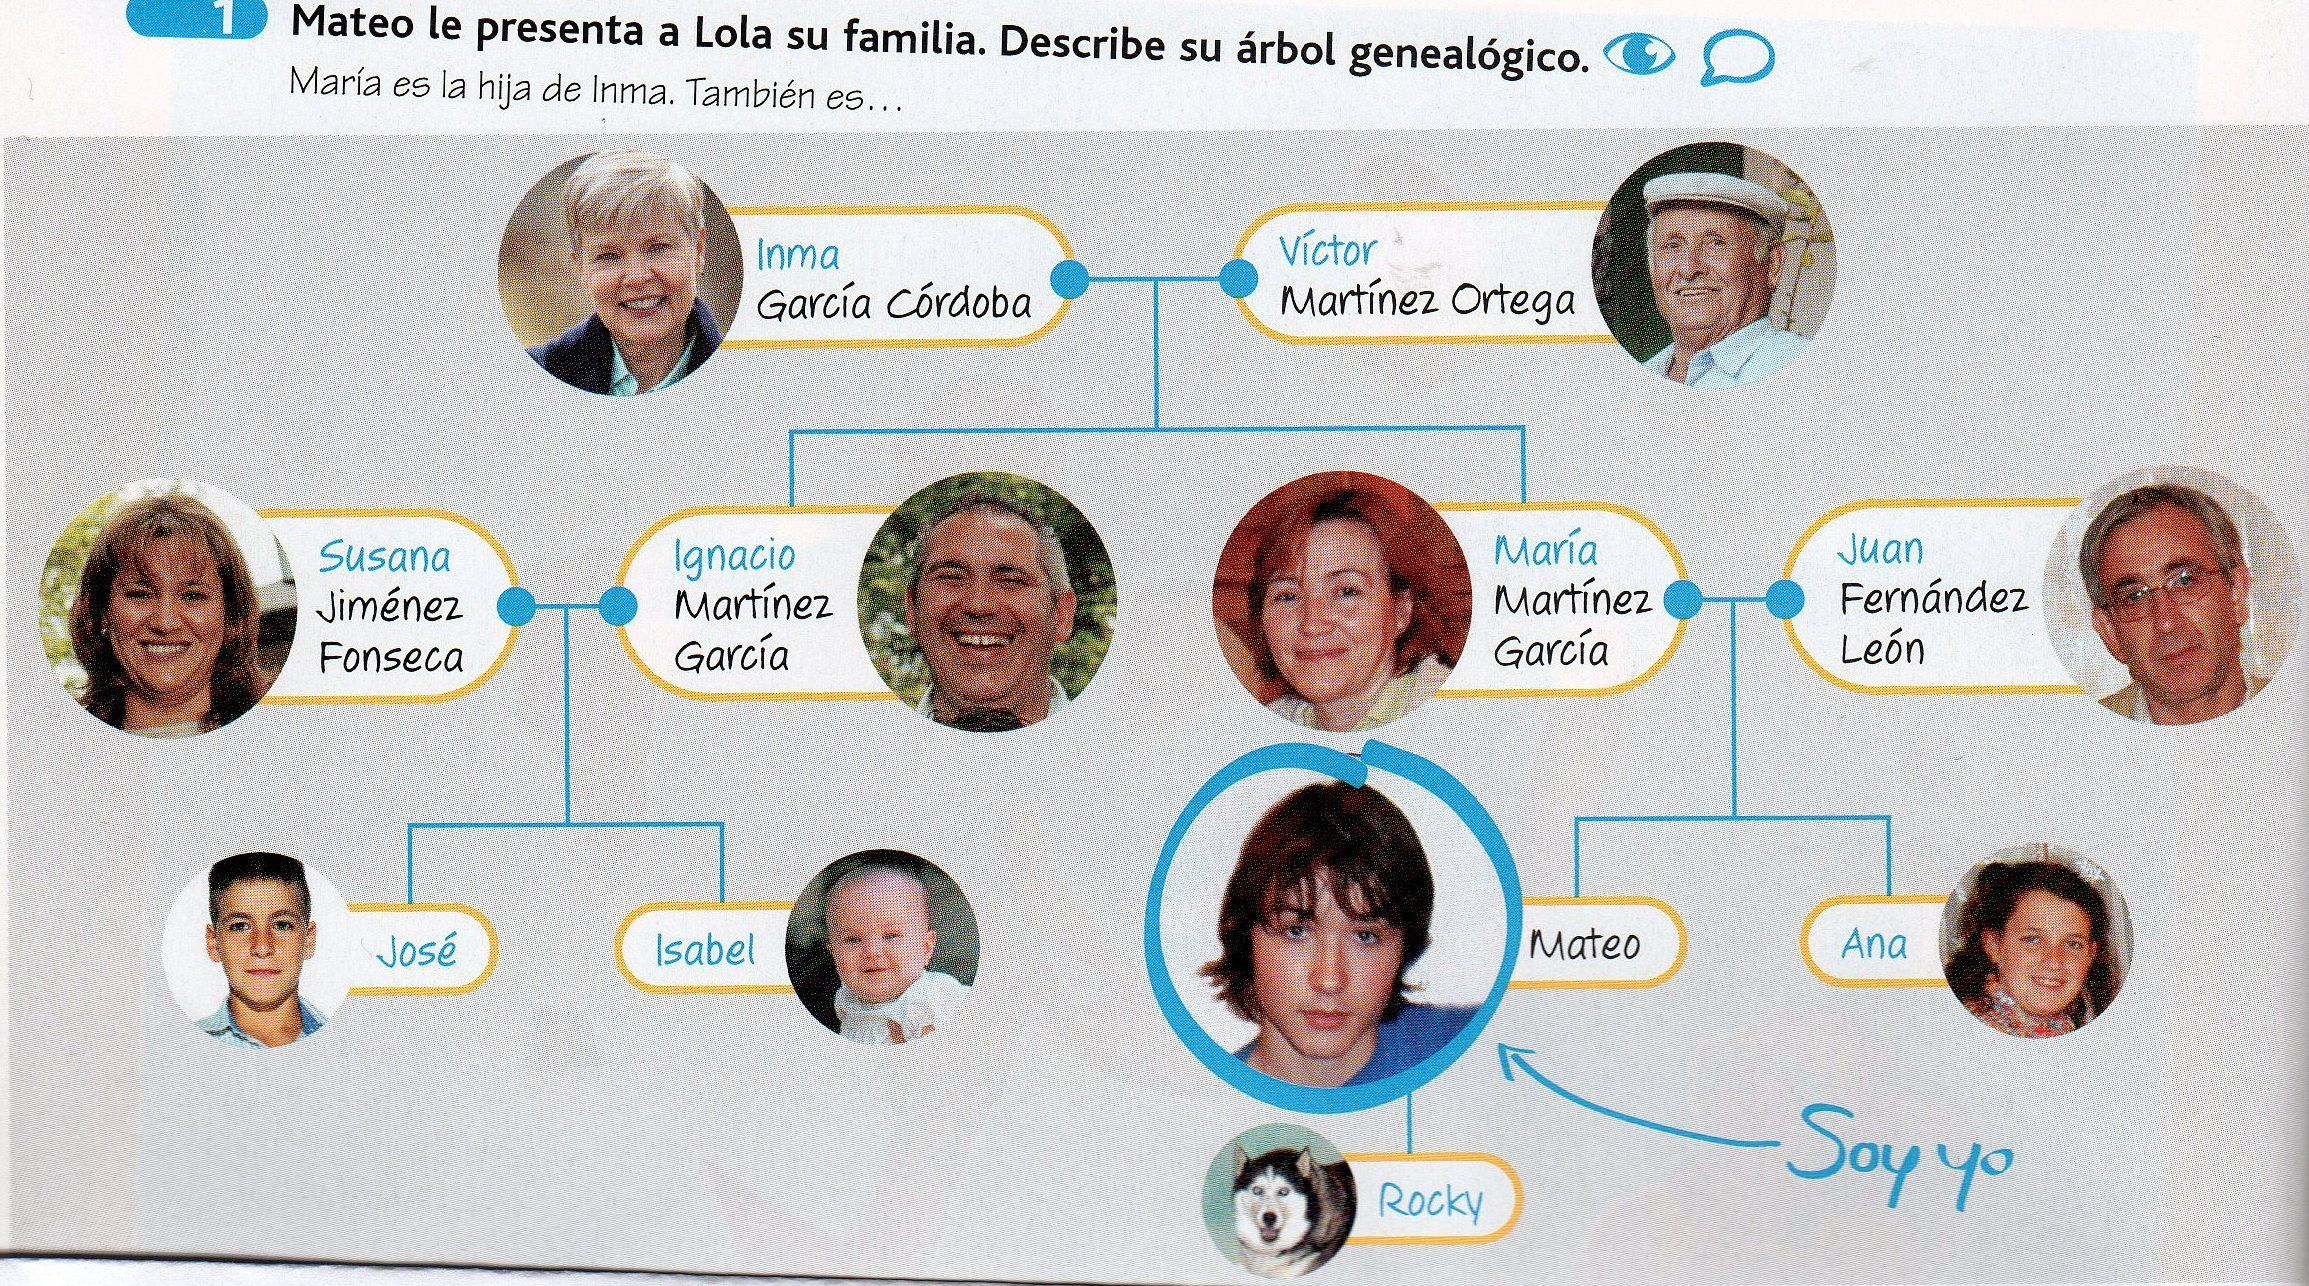 La Familia De Mateo